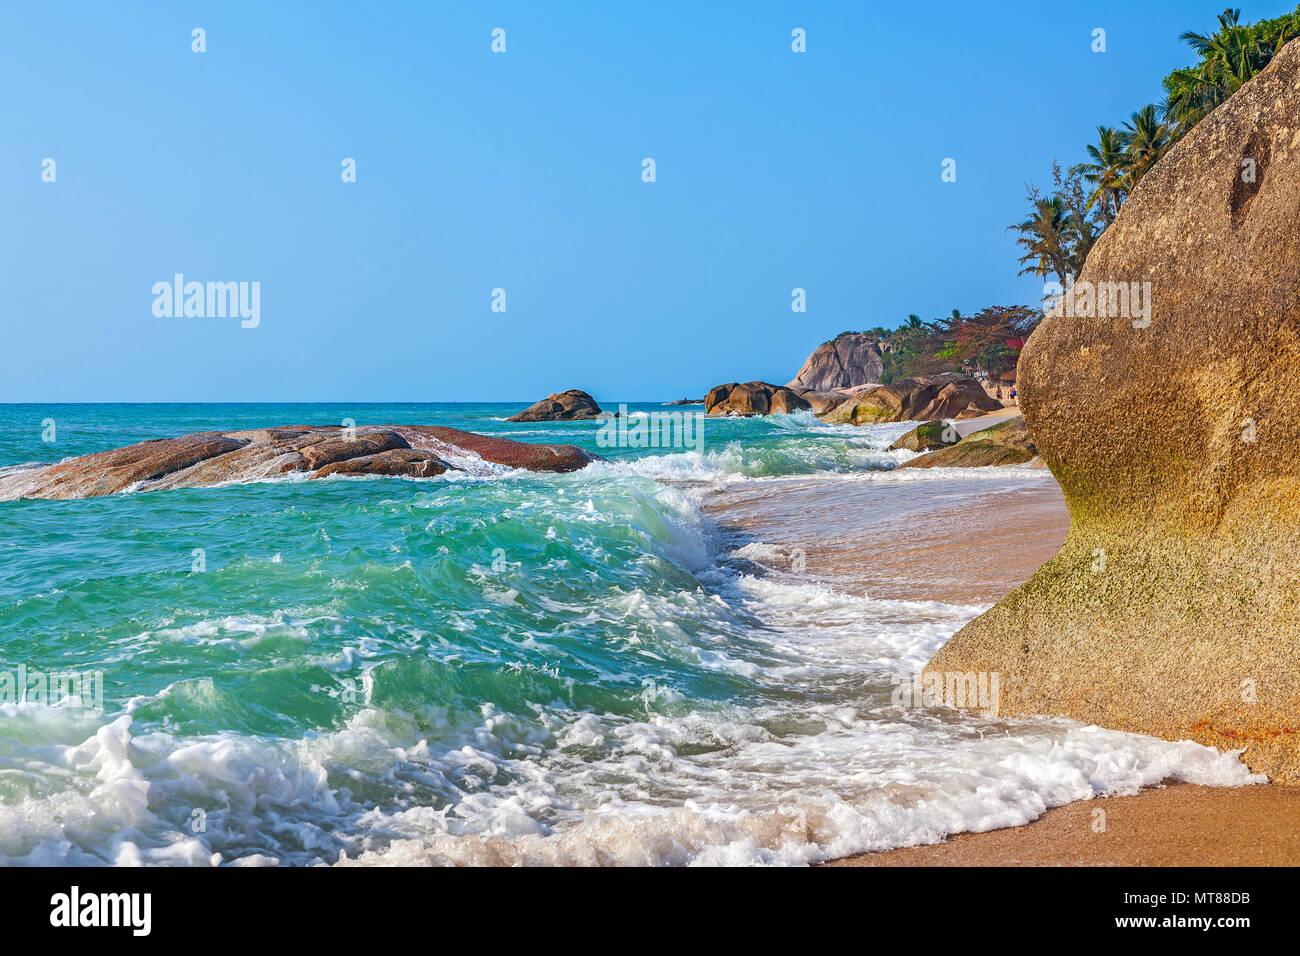 Mattina di sole sulla spiaggia di Lamai. Isola di Samui. Thailandia. Immagini Stock